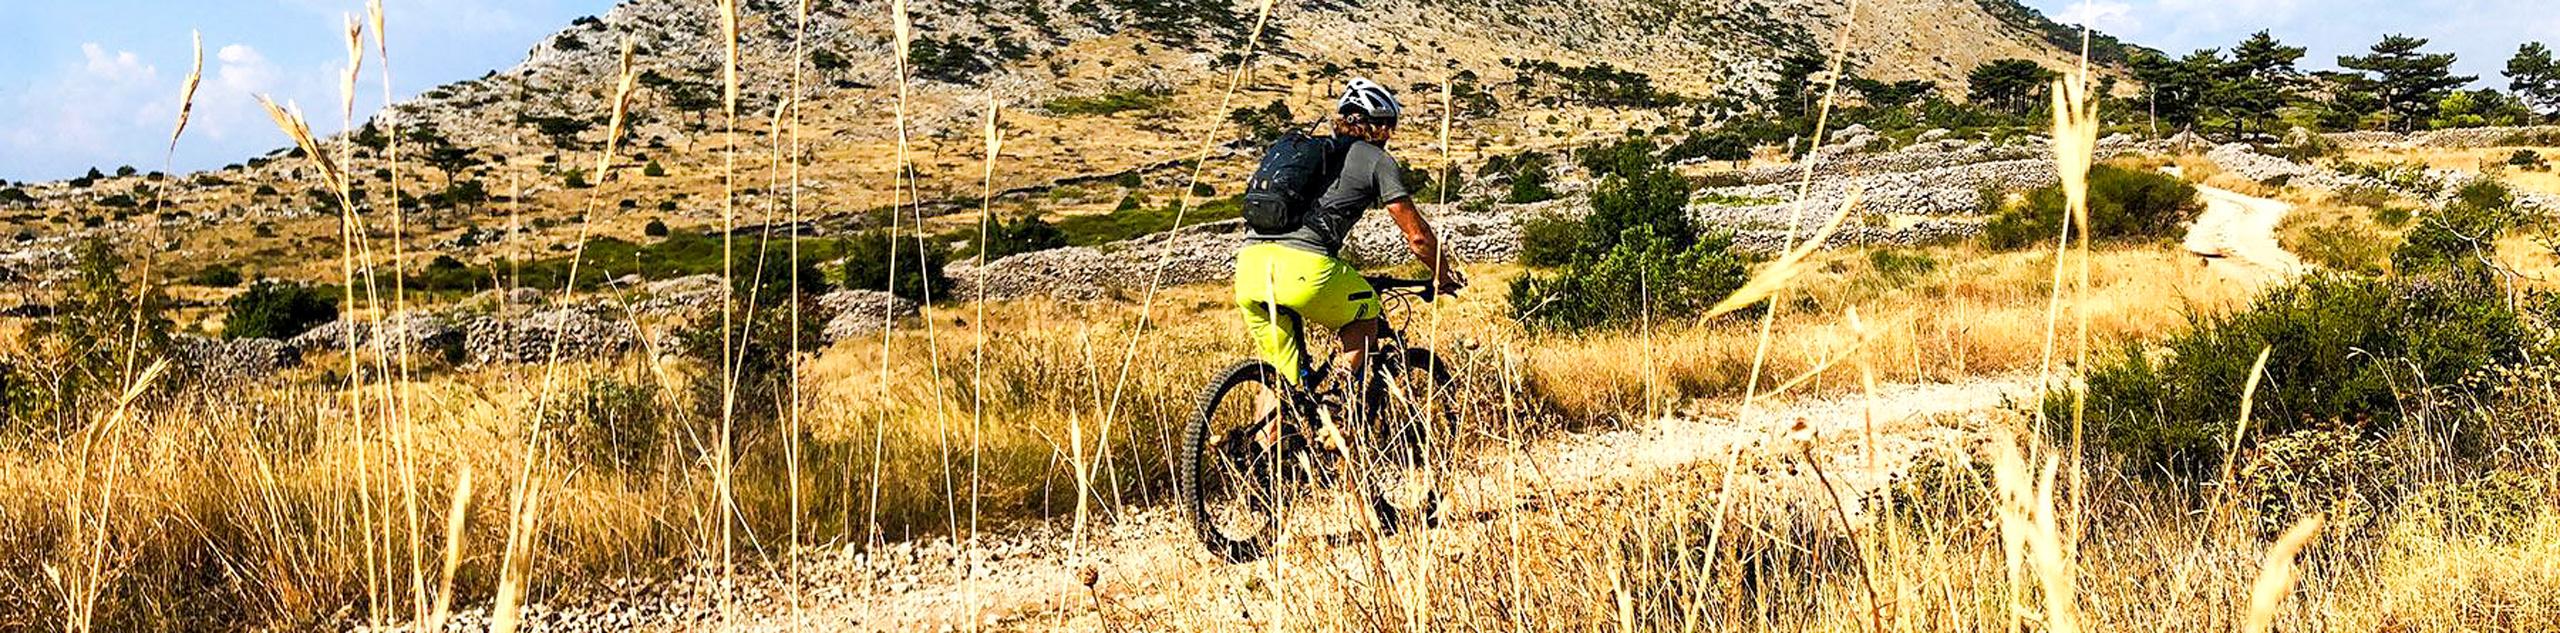 Croatian Islands Mountain Biking Tour